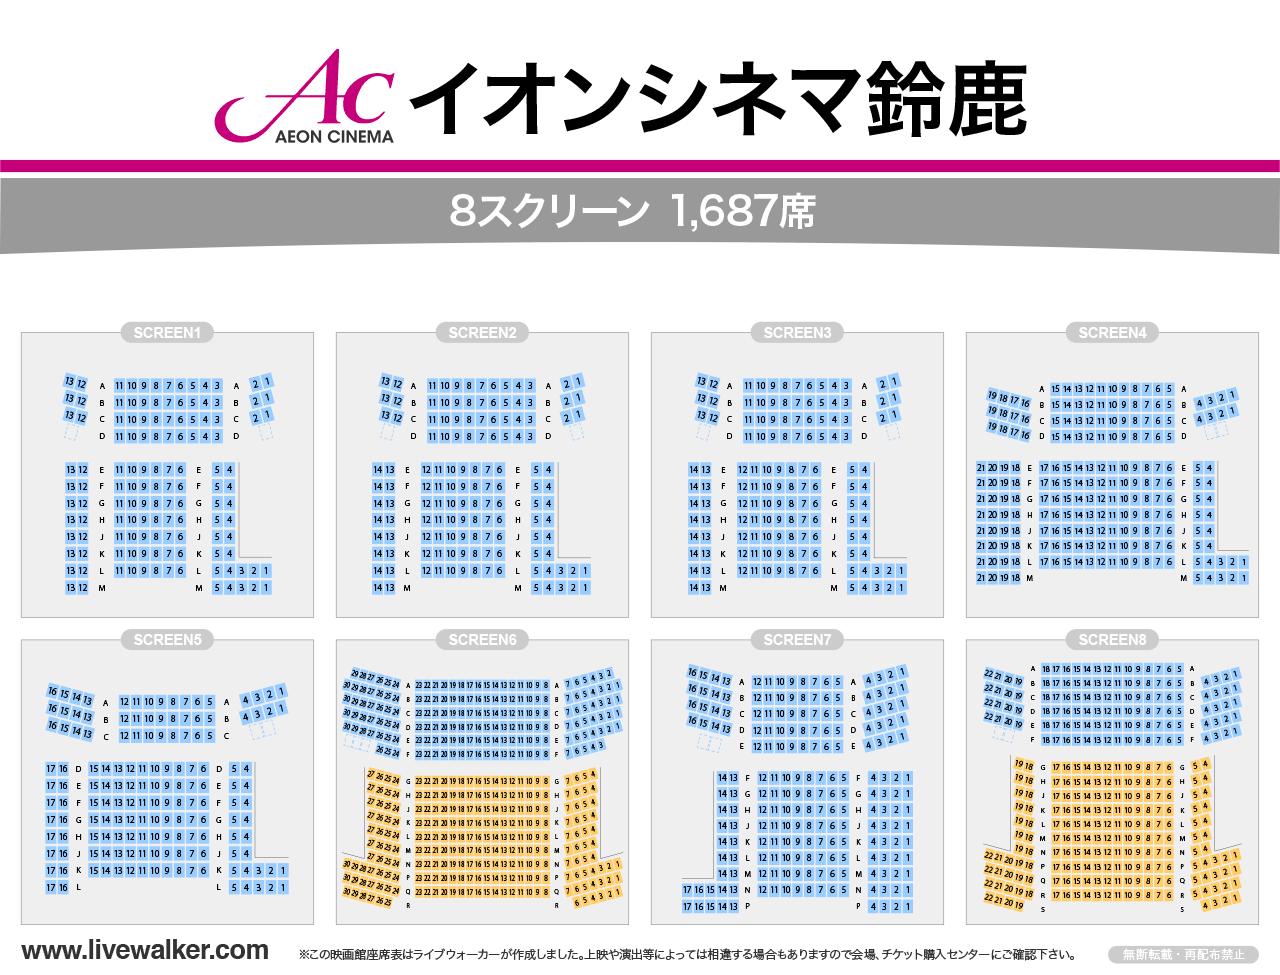 イオンシネマ鈴鹿 三重県 鈴鹿市 Livewalker Com 2020 映画館 シネコン イオン